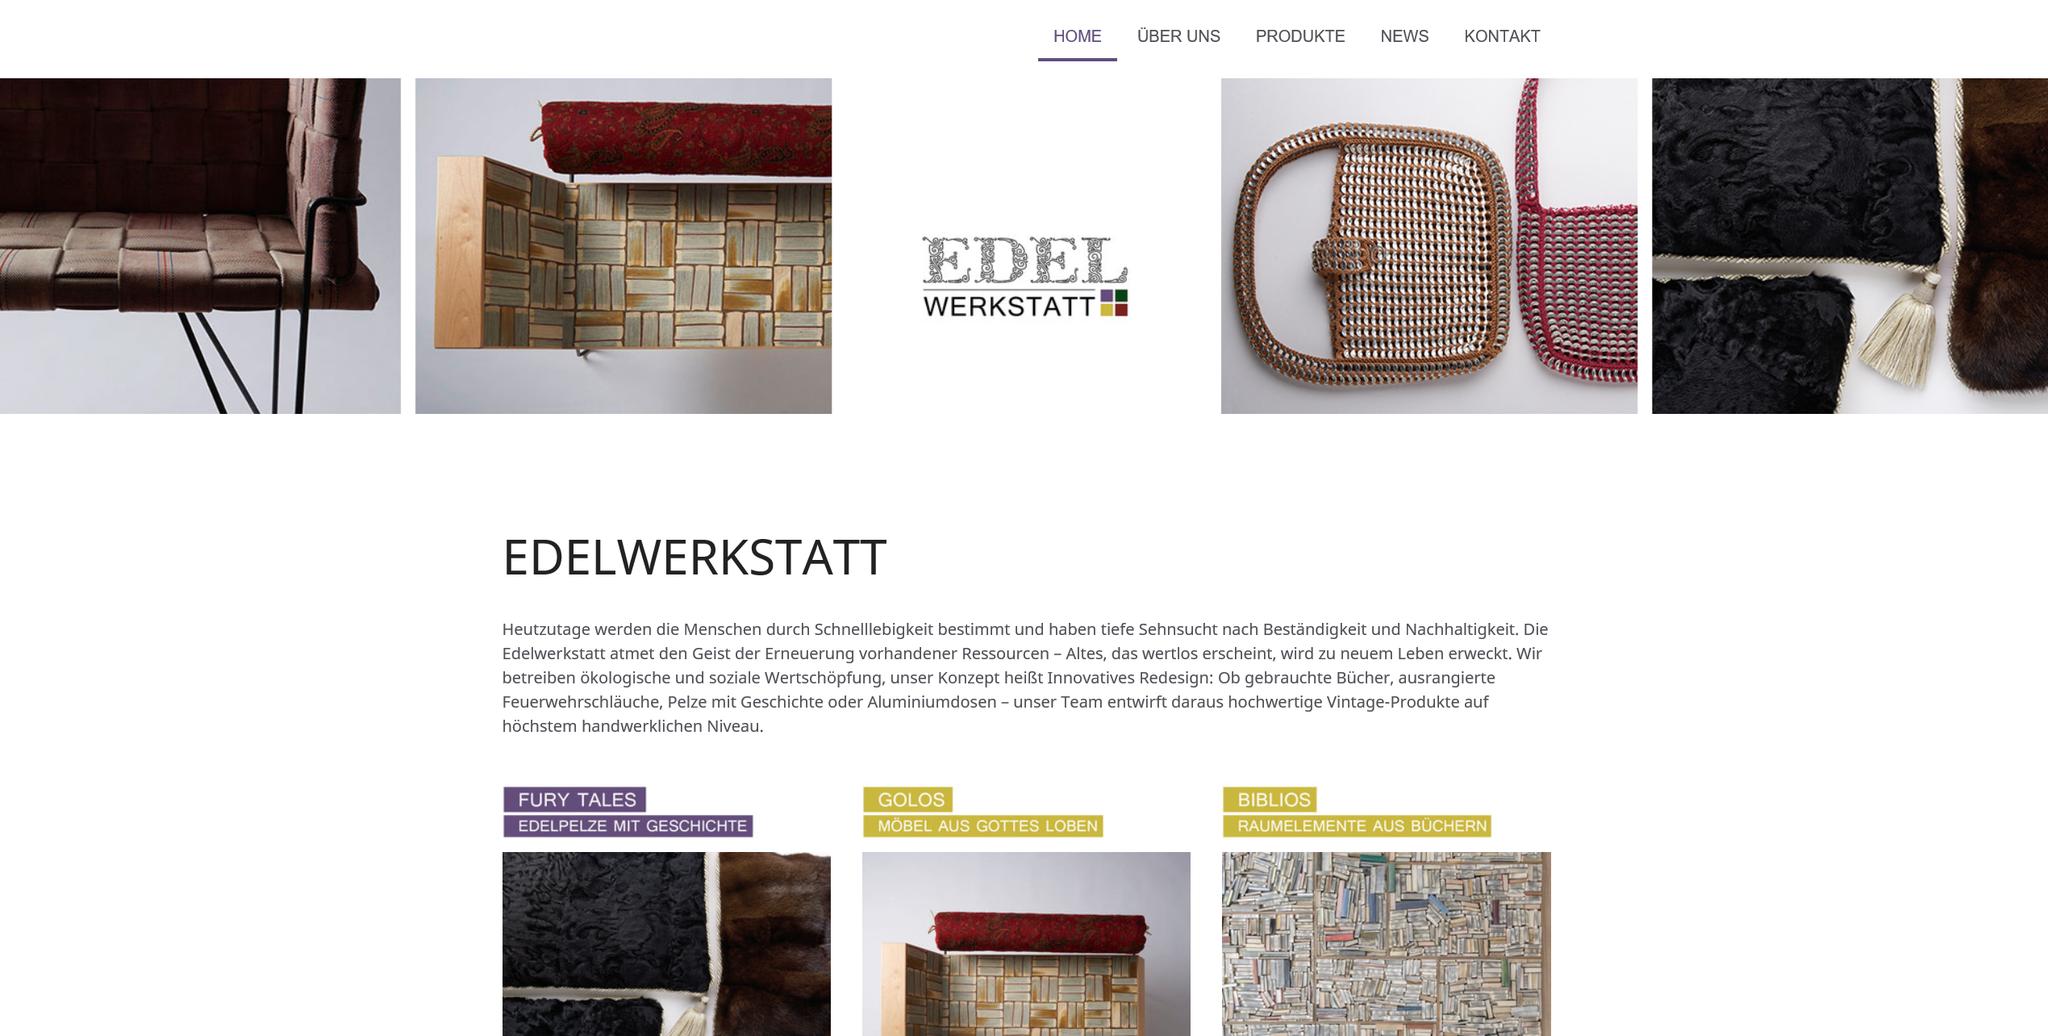 Edelwerkstatt: Web-Design